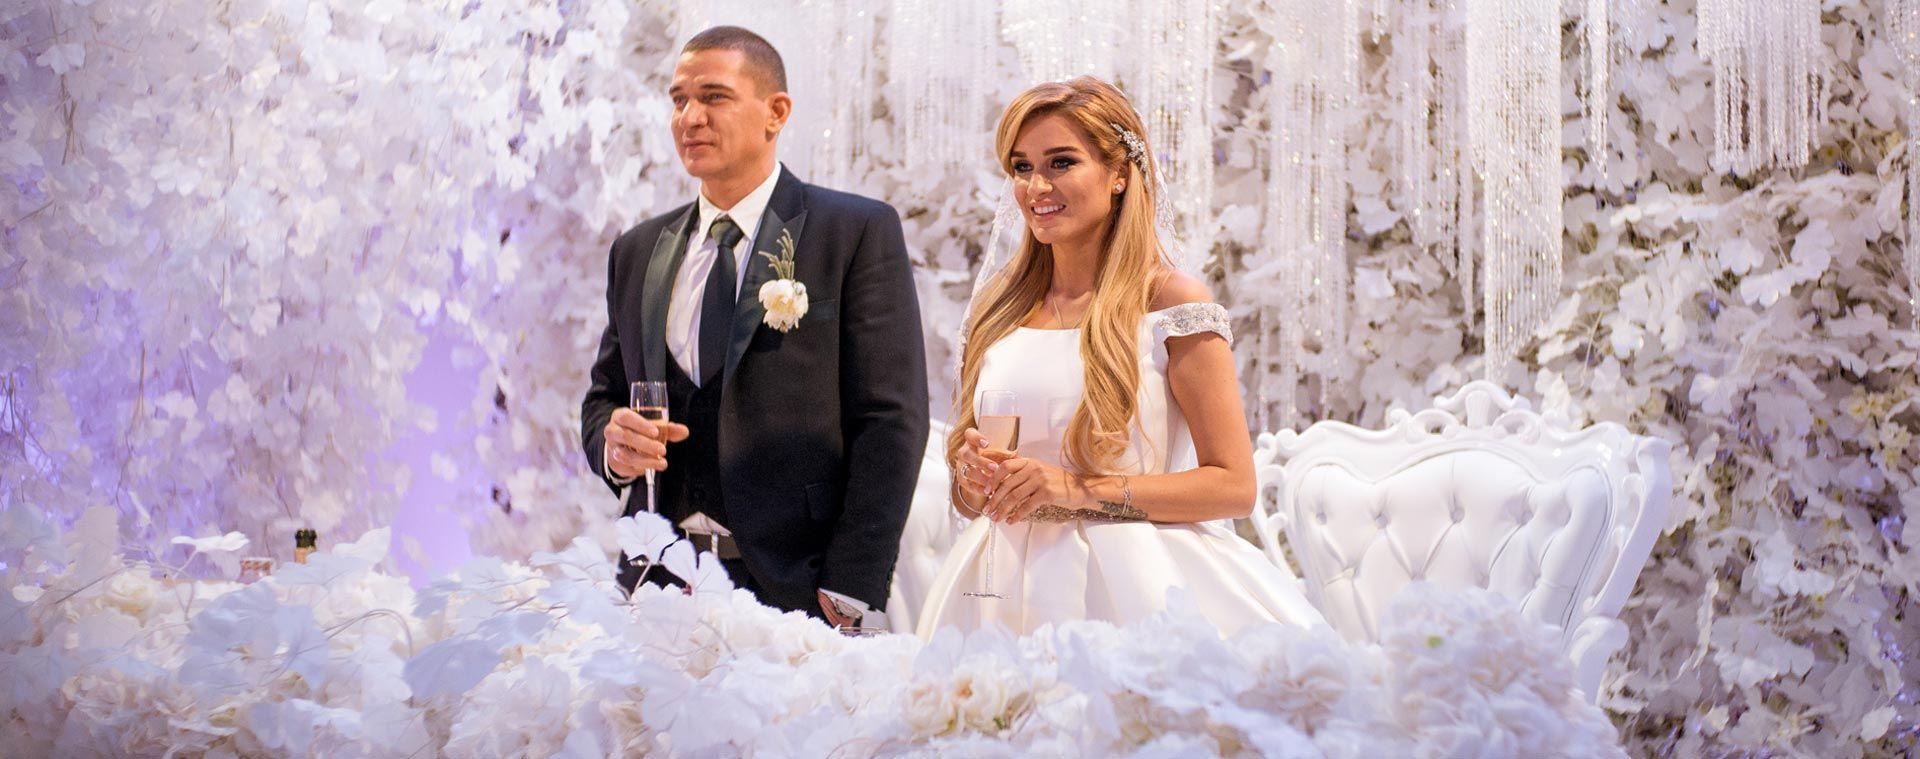 Фото с свадьбы ксении бородиной 2018